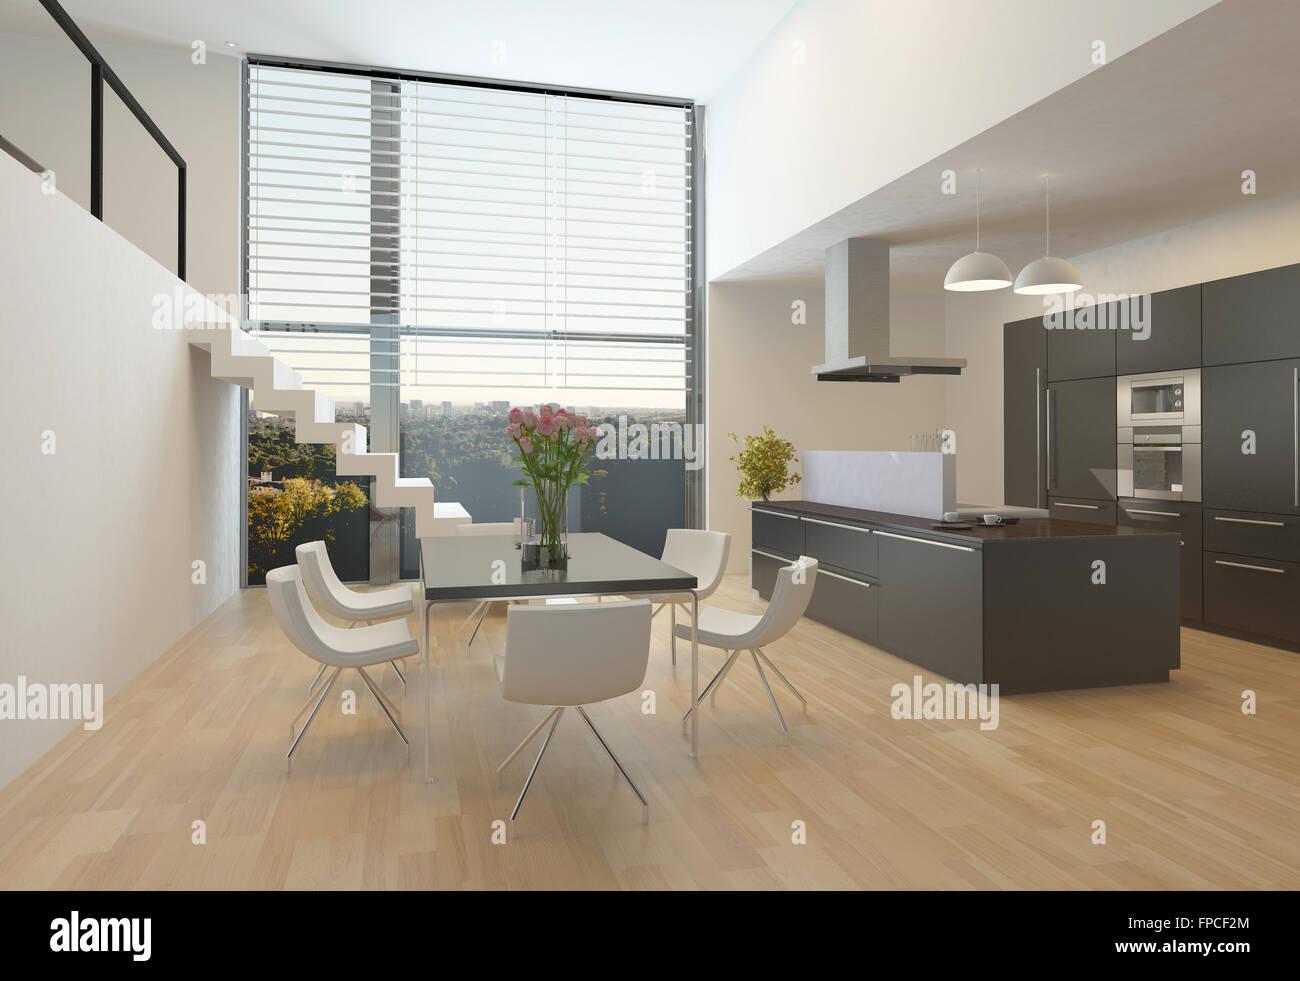 Moderne Küche Interieur mit einer zentralen Kochfeld, Hängeschränke ...